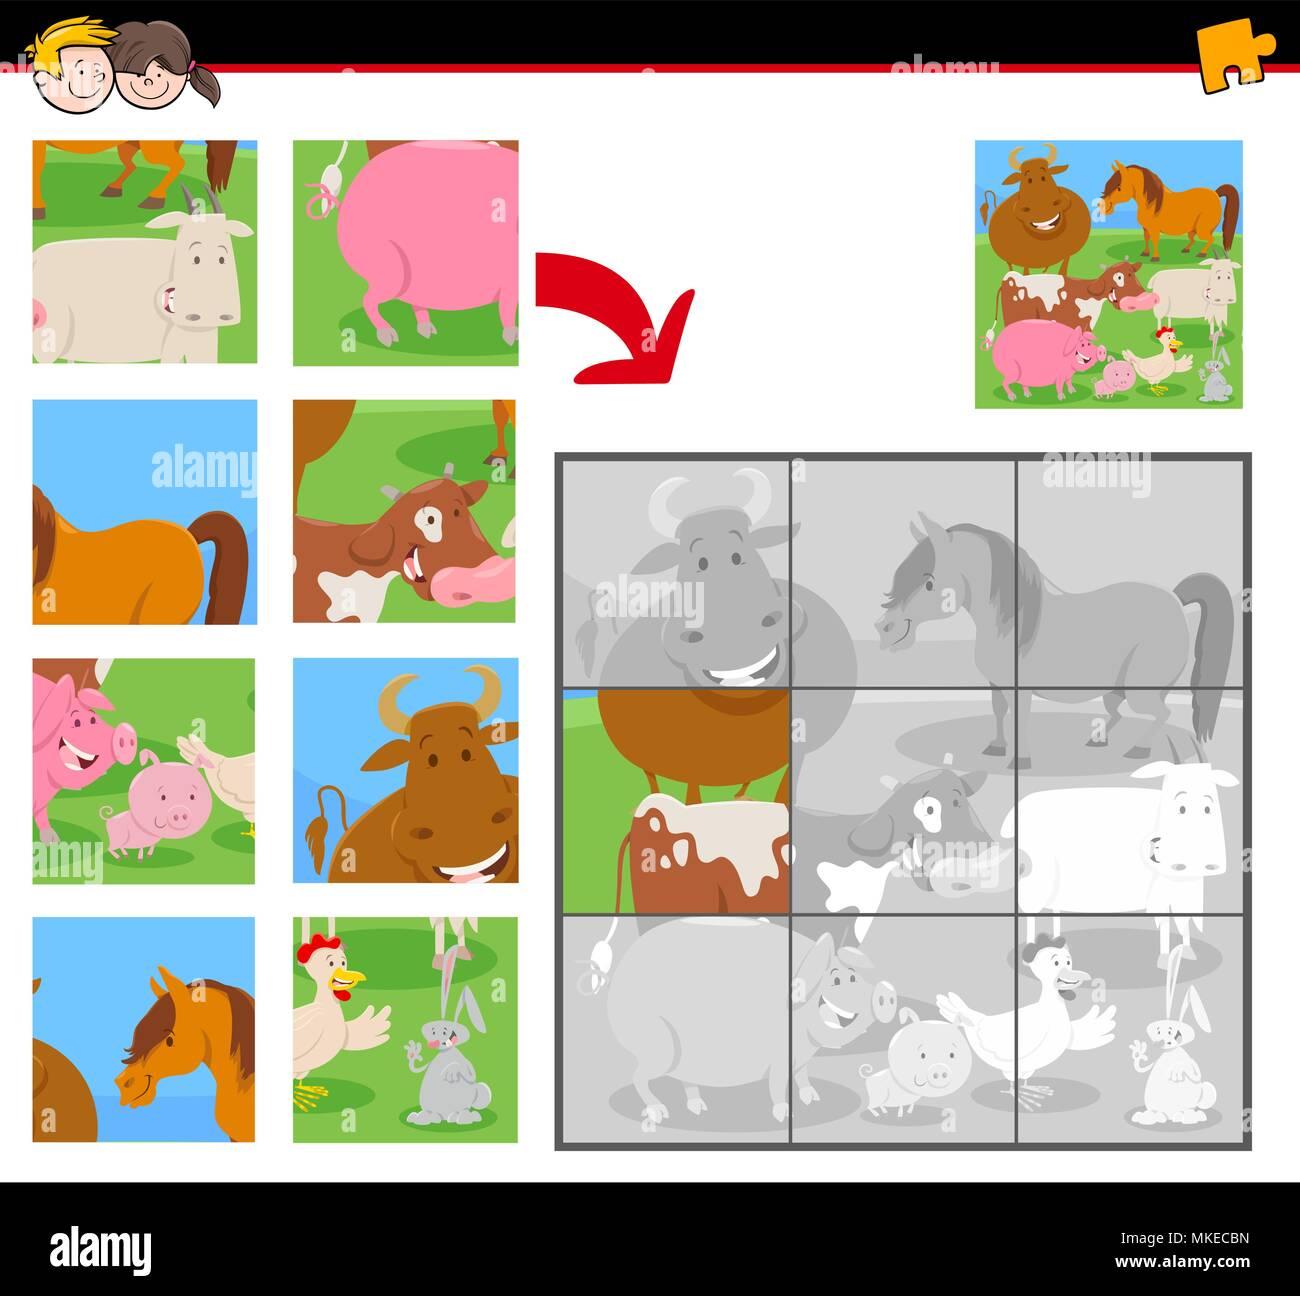 Ilustracion De Dibujos Animados Rompecabezas Juego Actividad